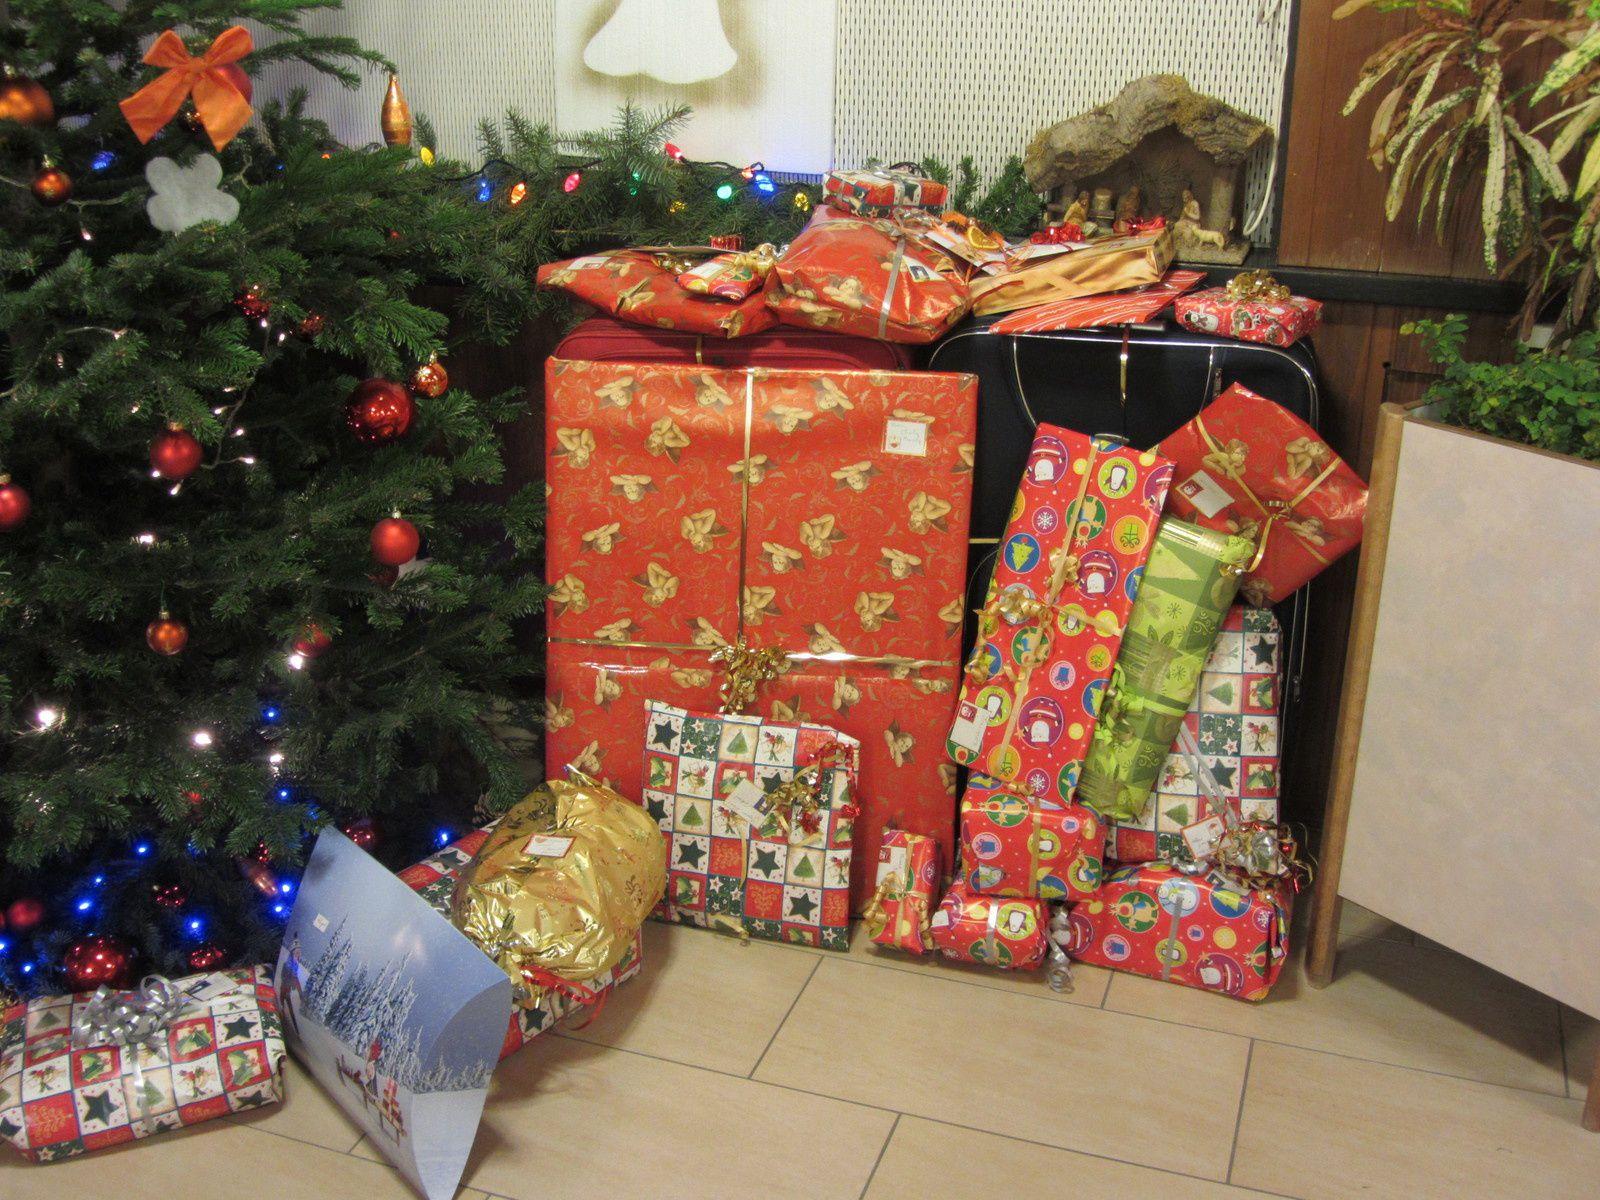 et en décembre, on se réjouit des cadeaux disposés sous le sapin....